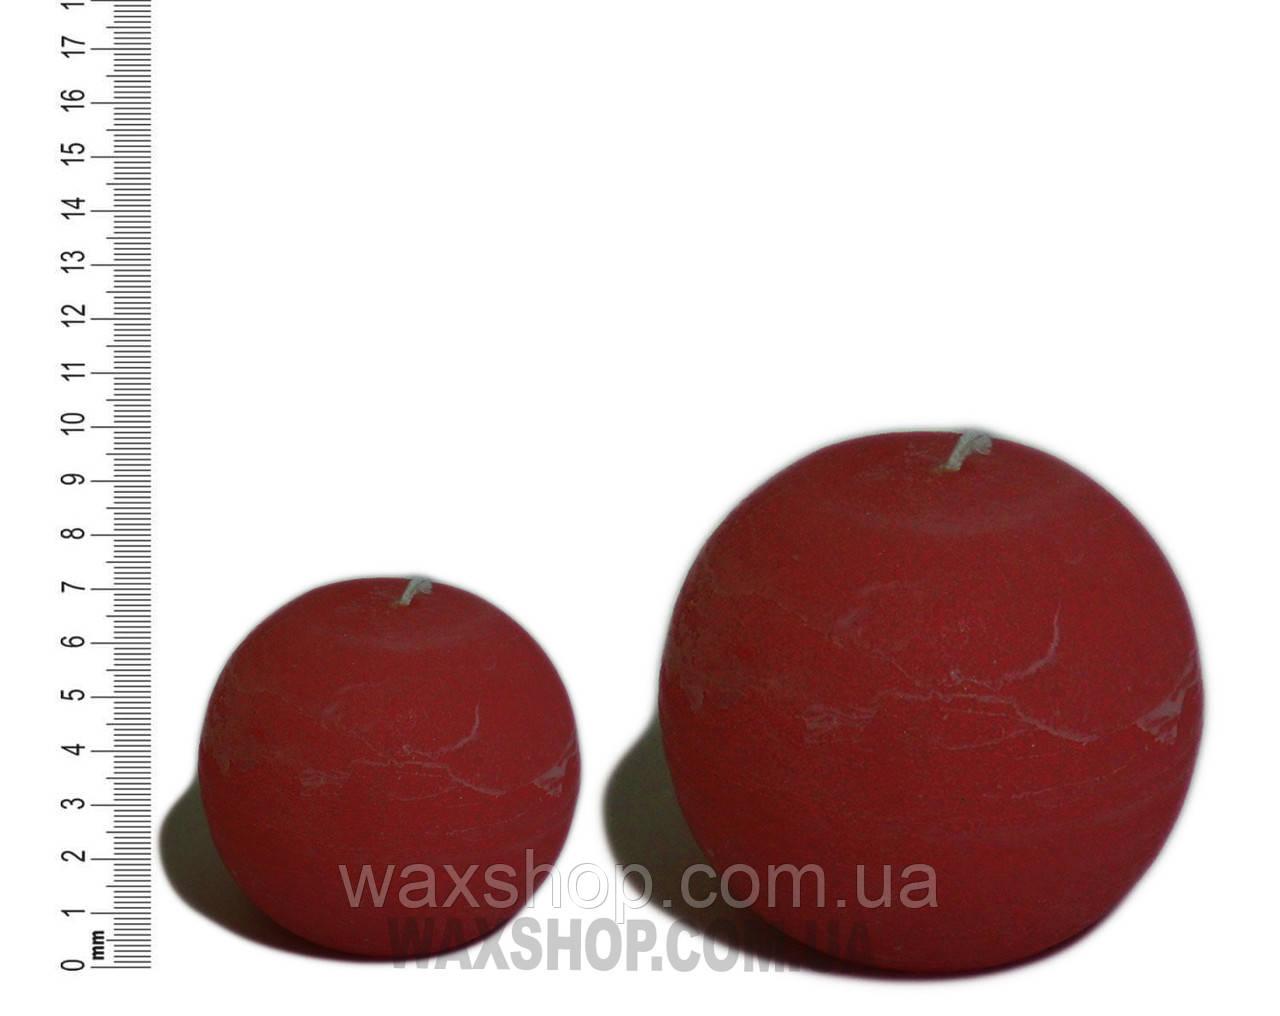 Свеча шар 10 см Бордовый